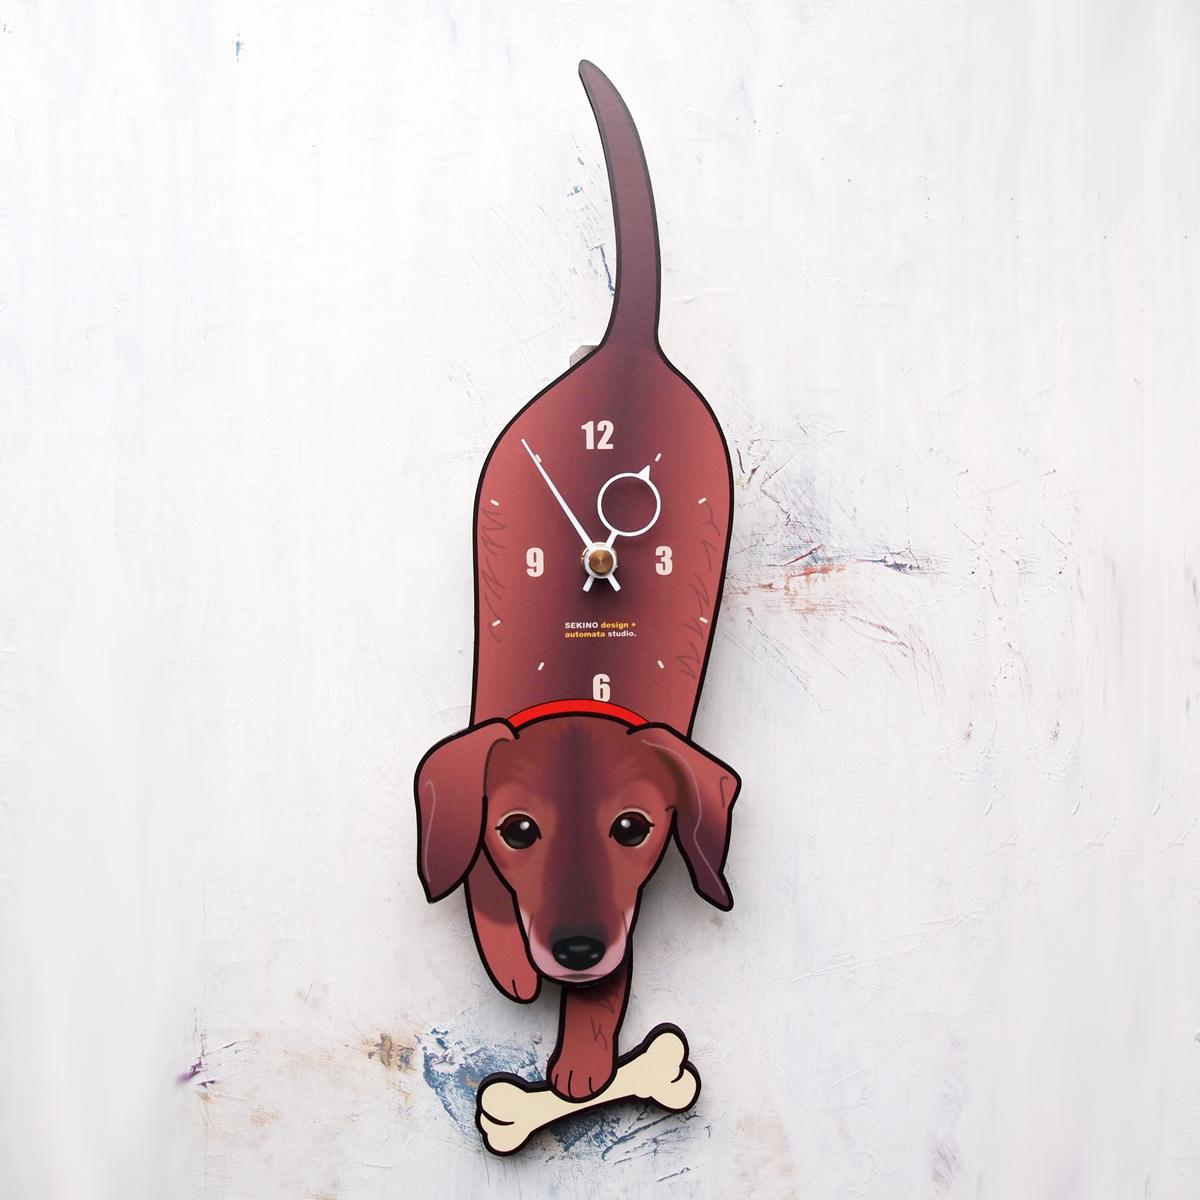 手の部分が振り子になった壁掛け用時計 お値打ち価格で メーカー在庫限り品 ふるさと納税 スムースダックス-犬の振り子時計 D-44